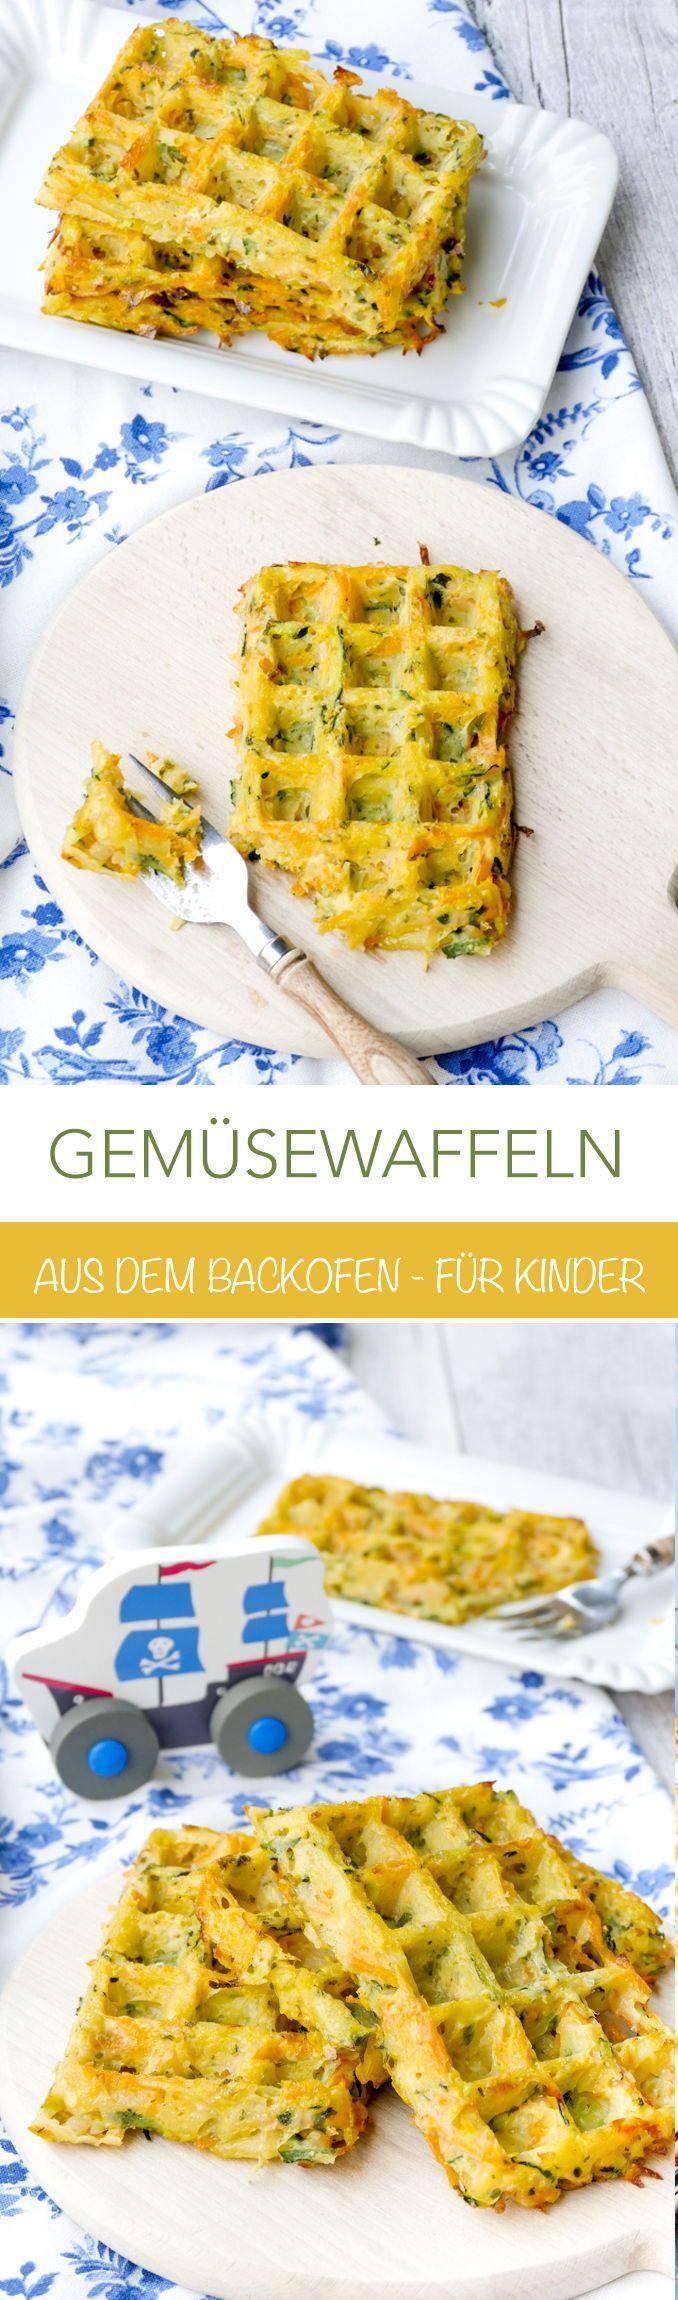 Gemüsewaffeln für Kinder aus dem Backofen – Gaumenfreundin Foodblog – Gesunde & schnelle Rezepte